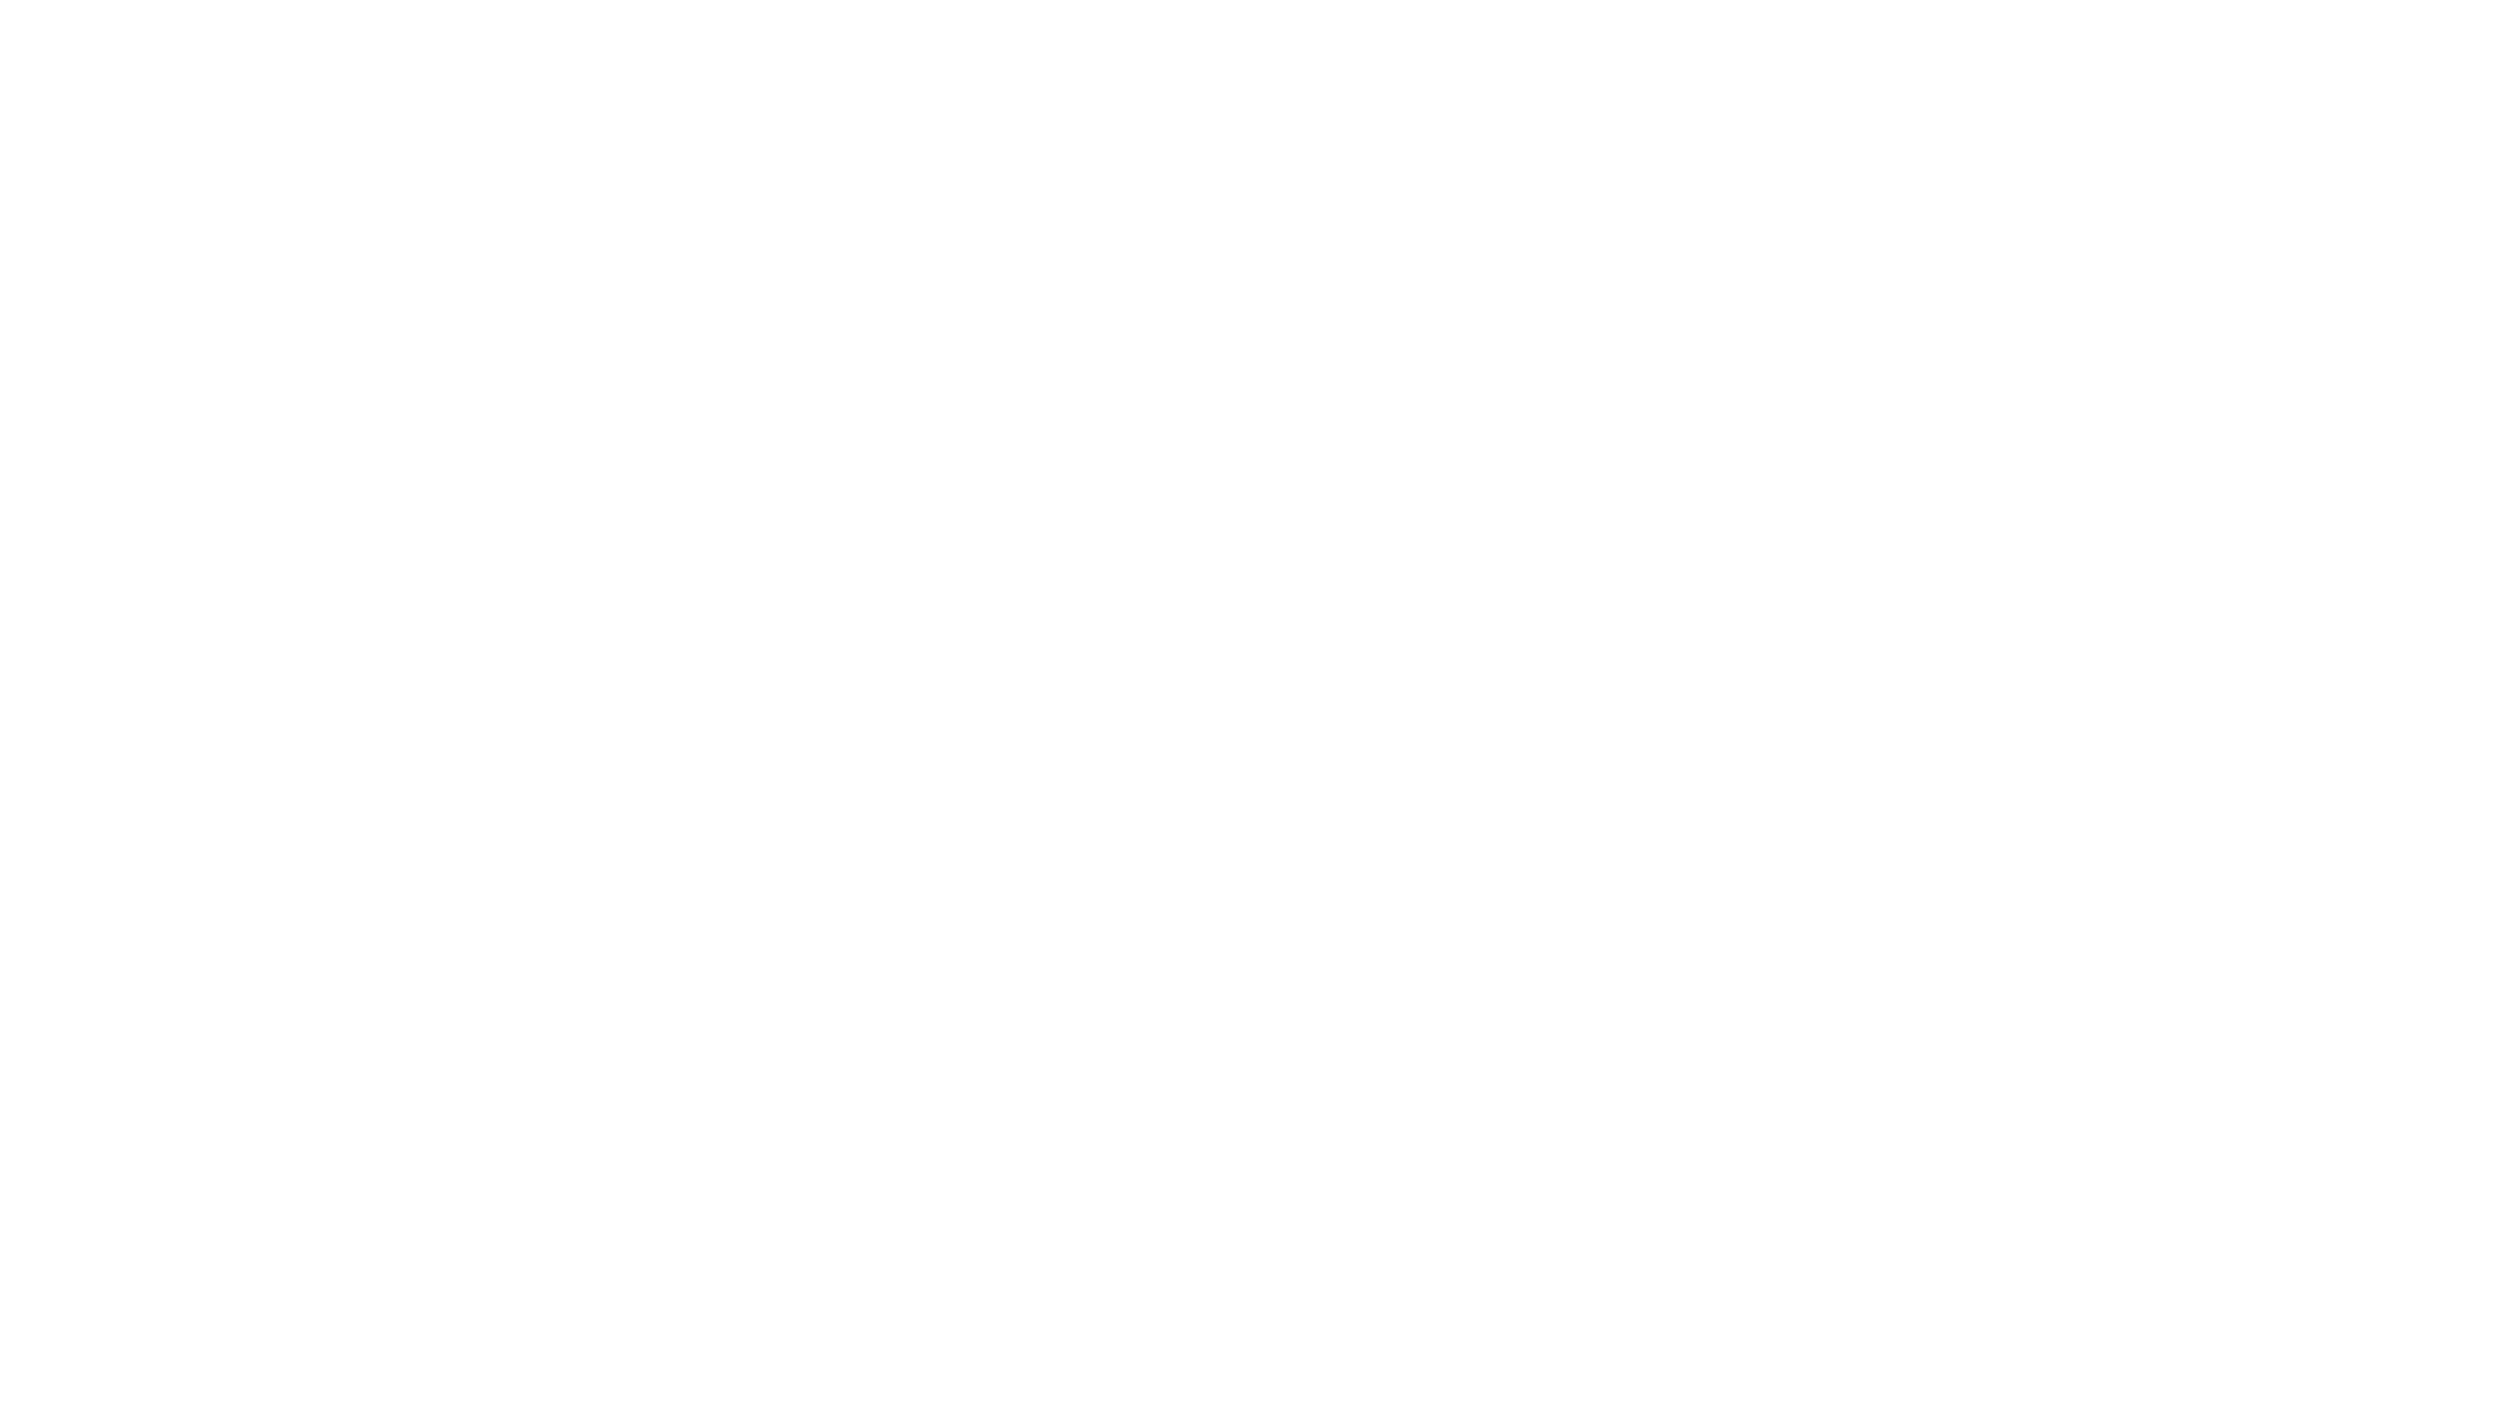 A Better Half